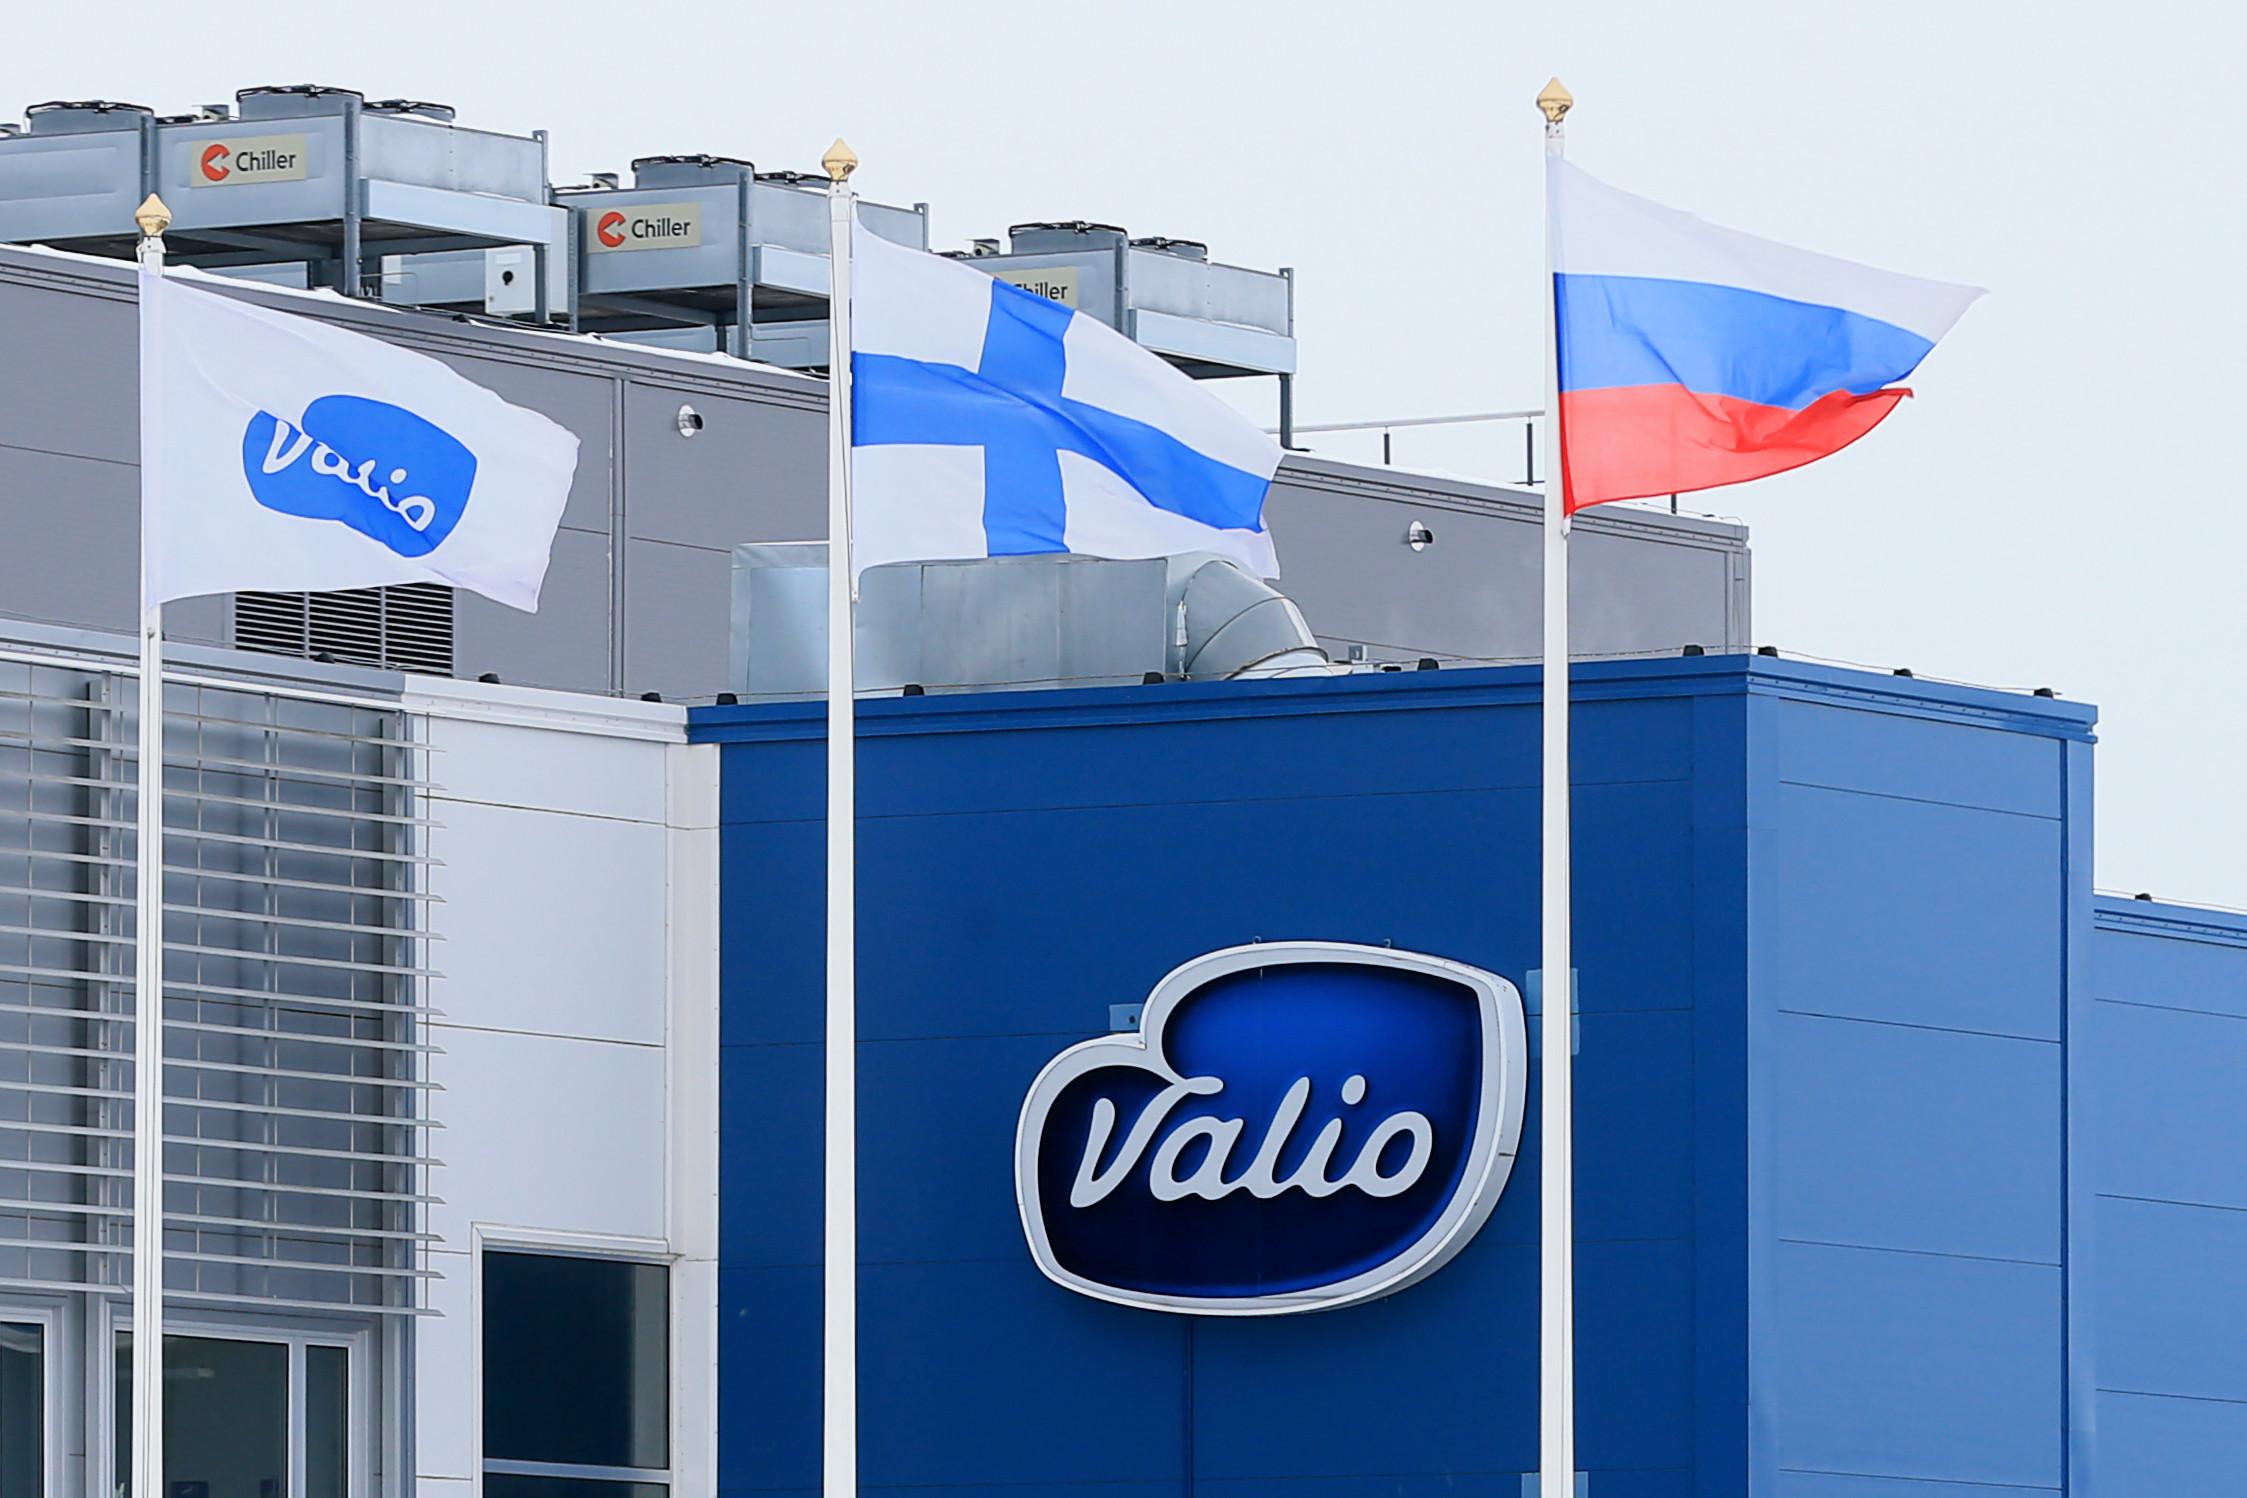 Из-за маркировки ООО «Валио» пришлось сменить упаковку продукта